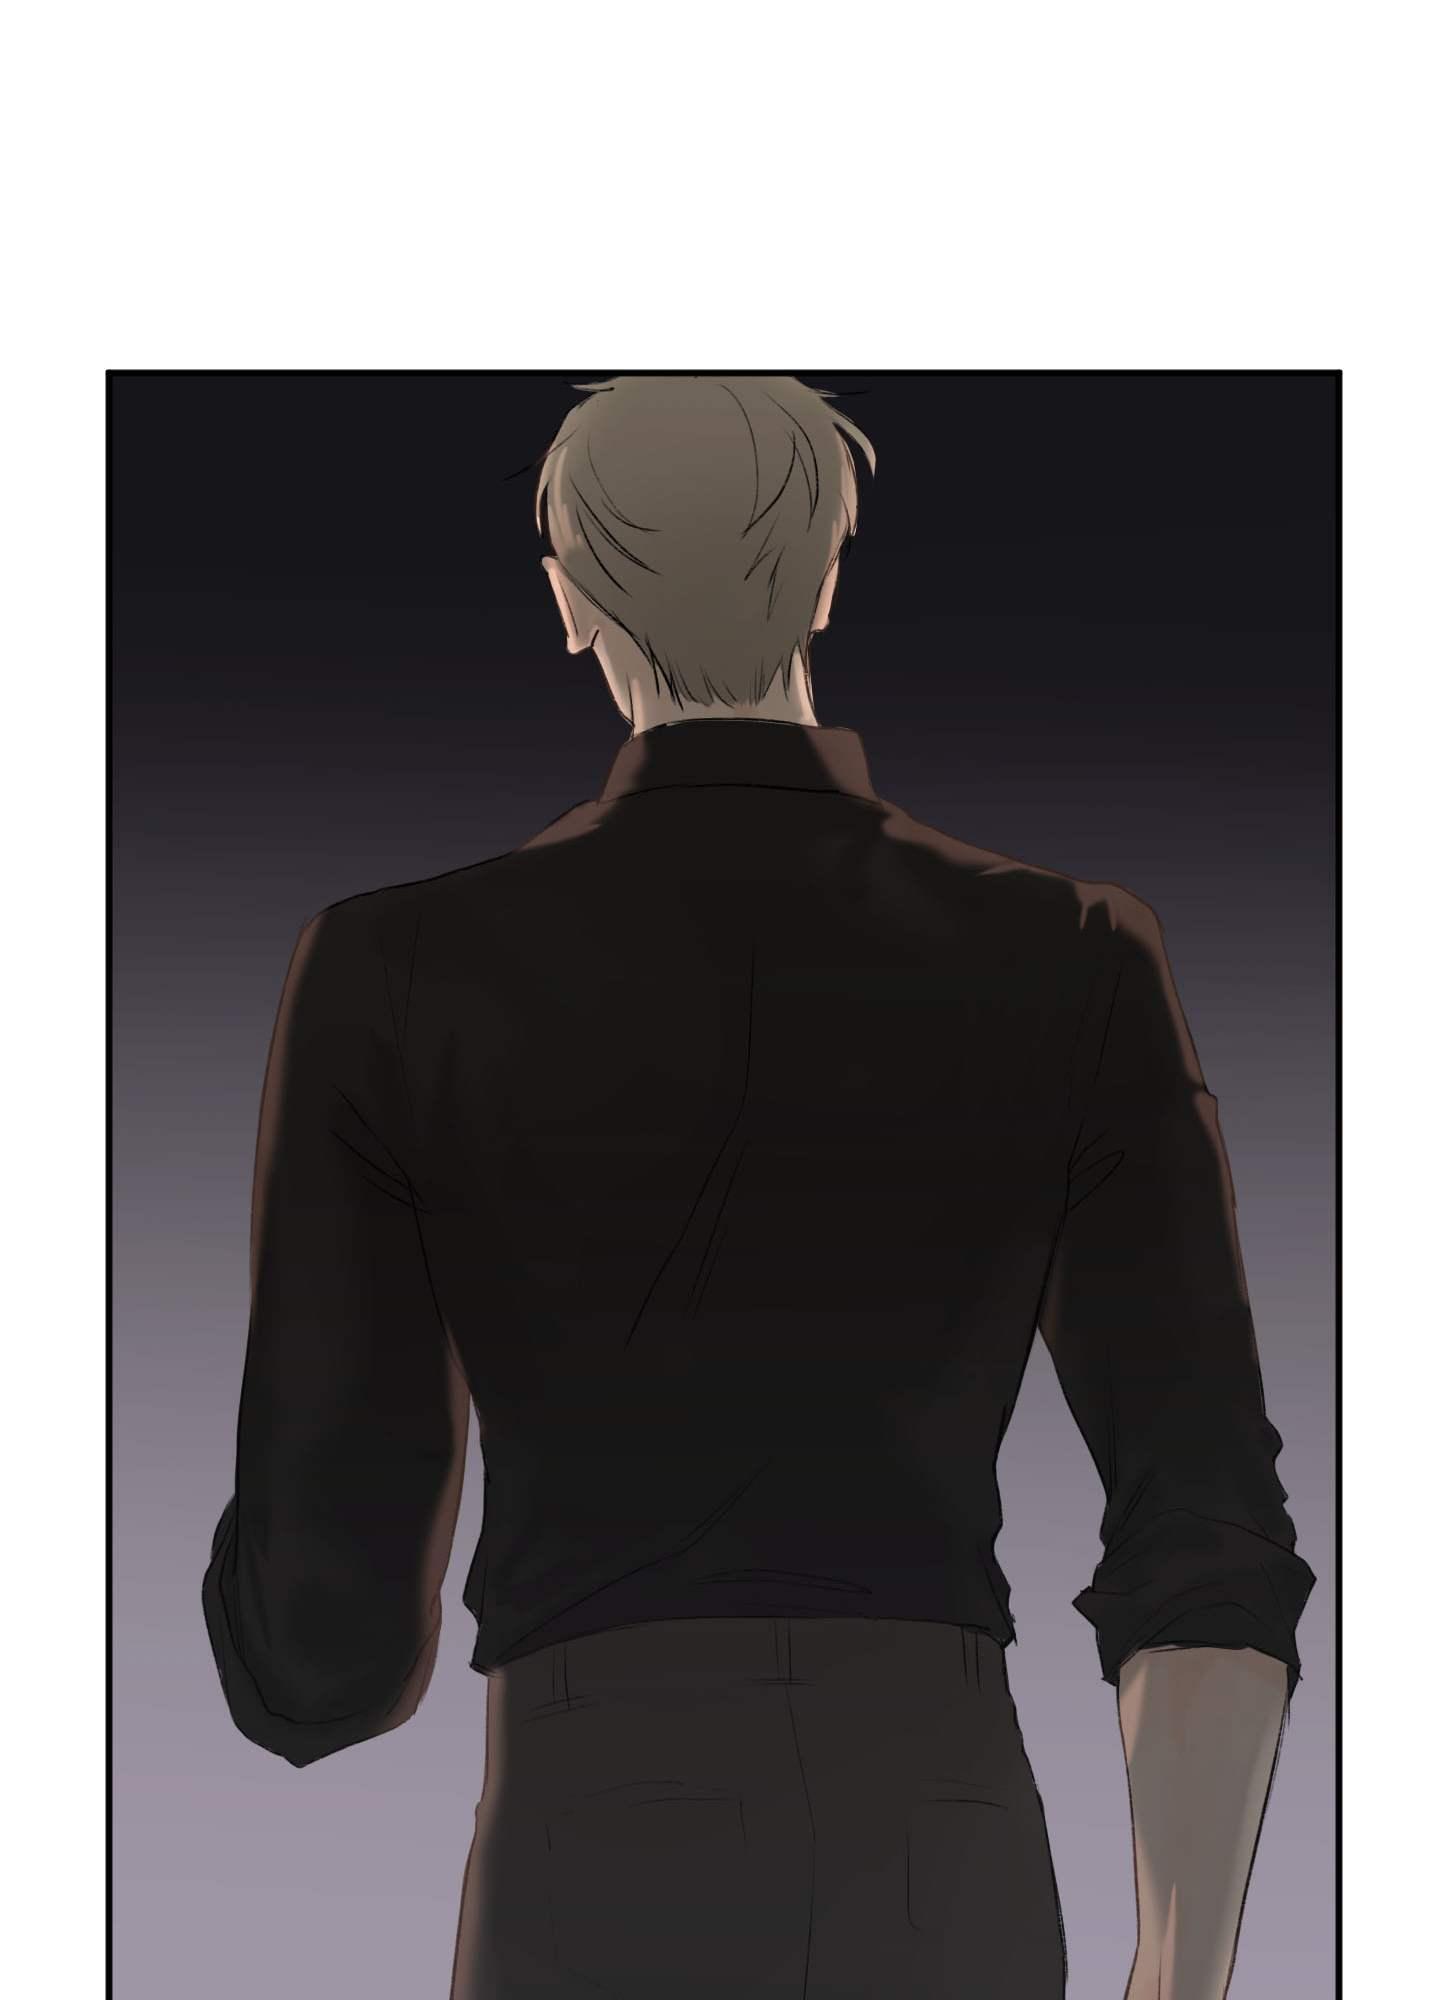 韩漫 |《恶魔的低语》年下痞老板,上来就扑倒!  第27张